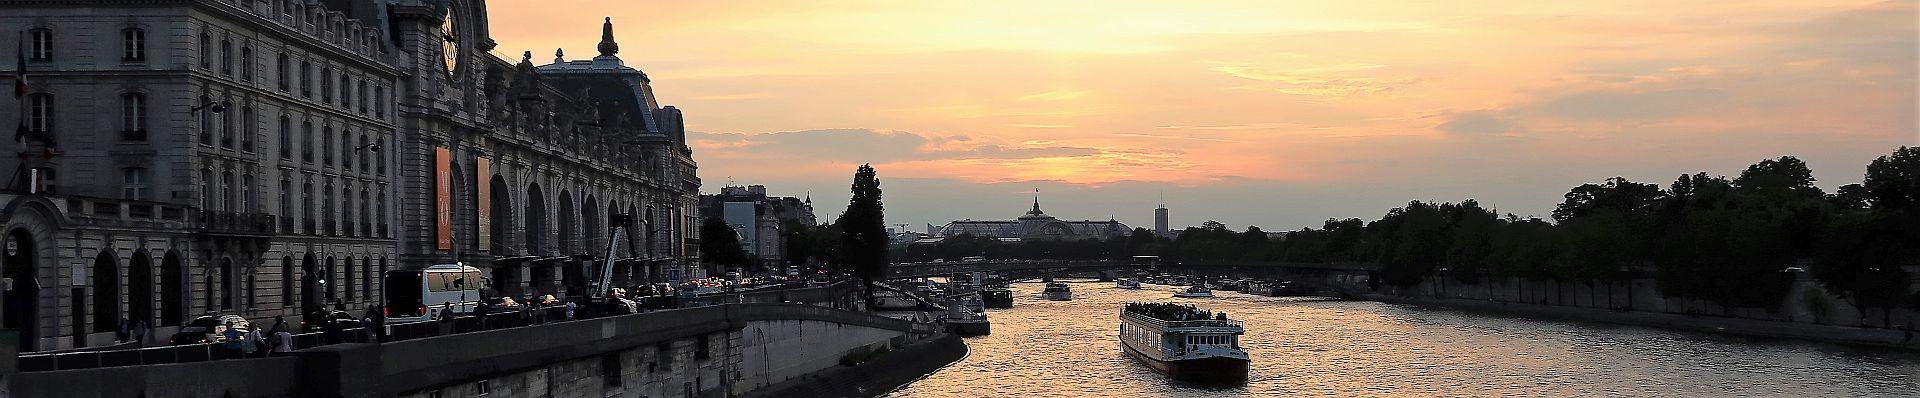 Seine mit Boot im Sonnenuntergang